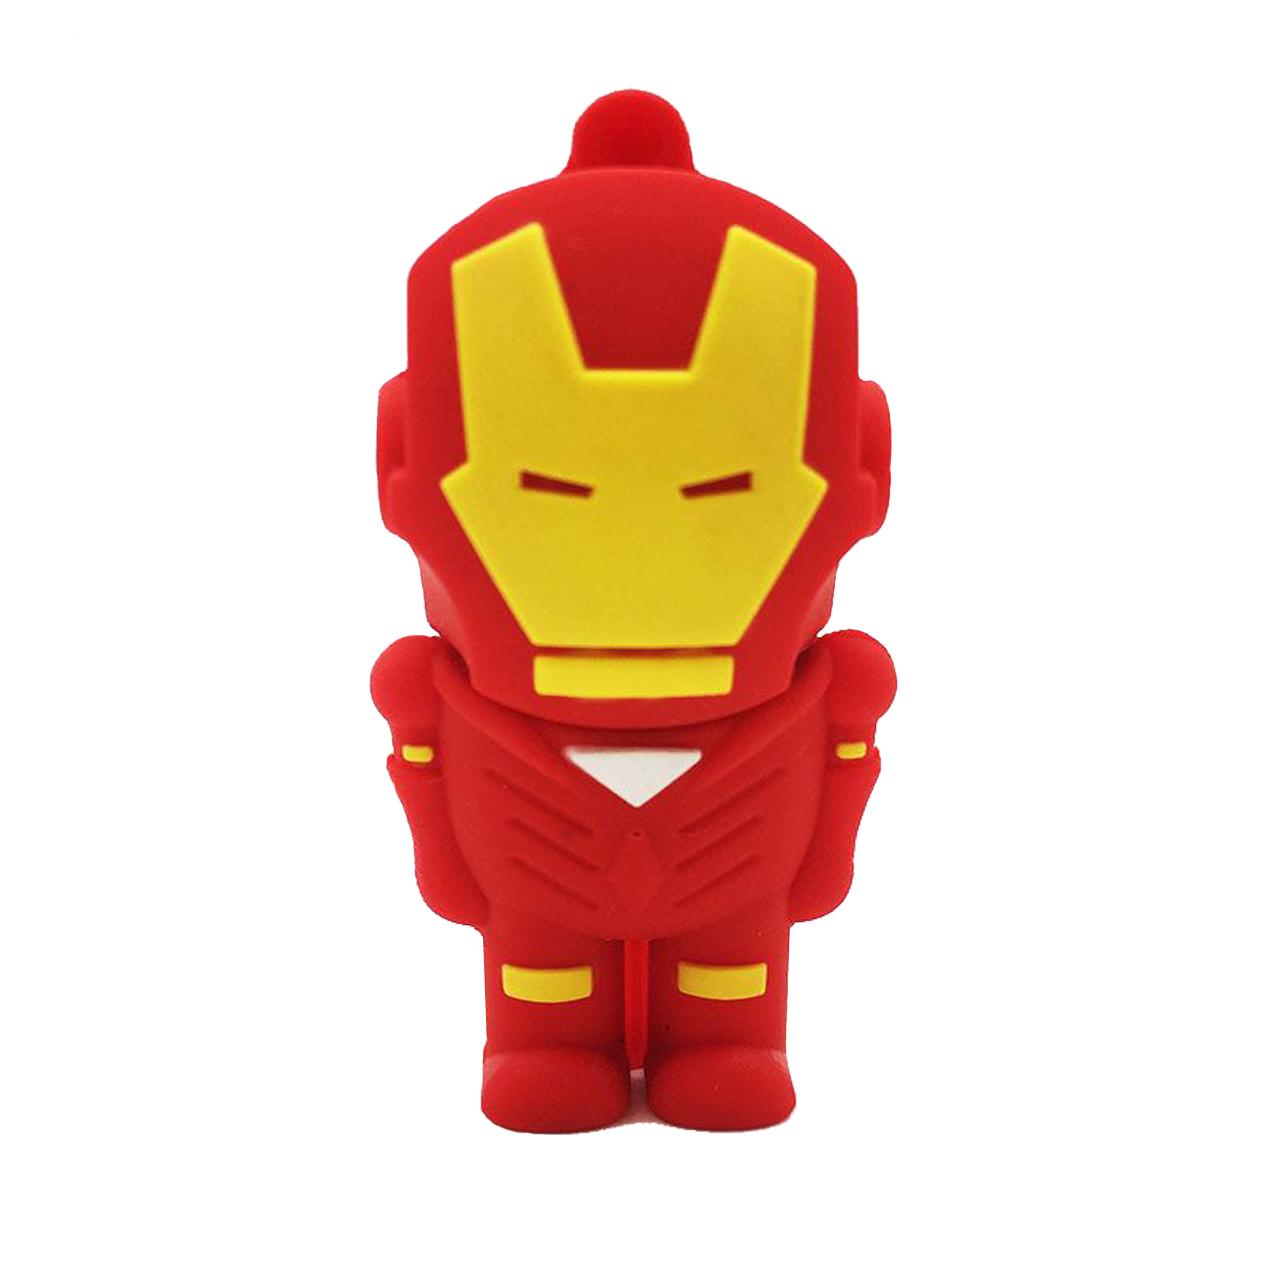 بررسی و {خرید با تخفیف} فلش مموری طرح مرد آهنی مدل Ul-Iron man01 ظرفیت 32 گیگابایت اصل